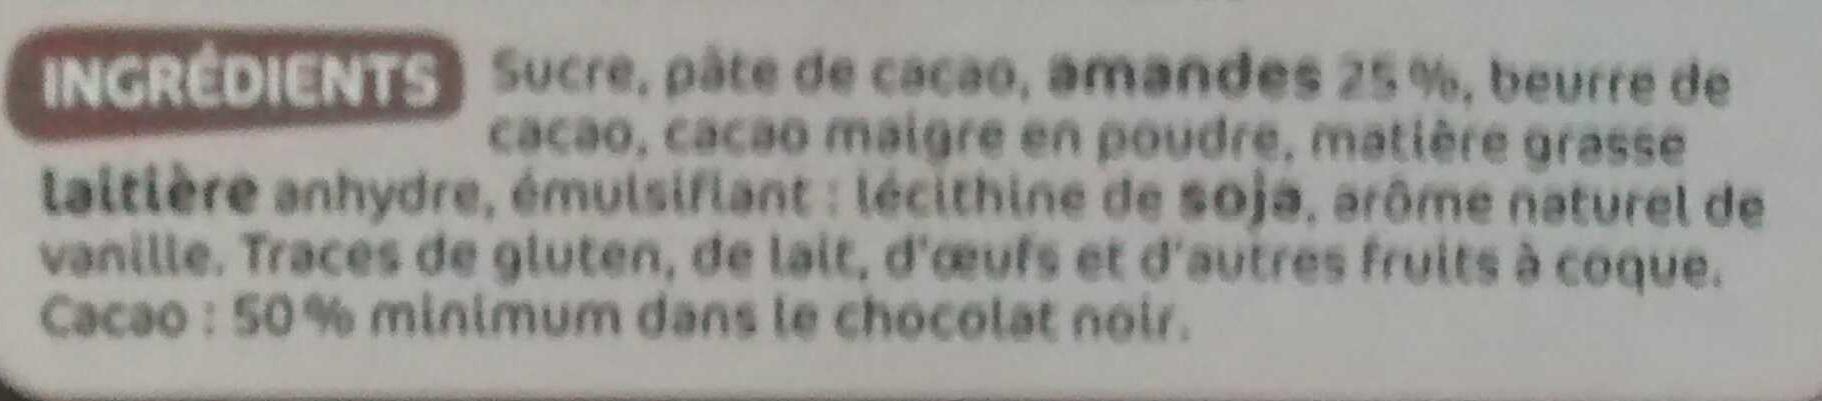 Chocolat noir amandes entieres - Ingrédients - fr